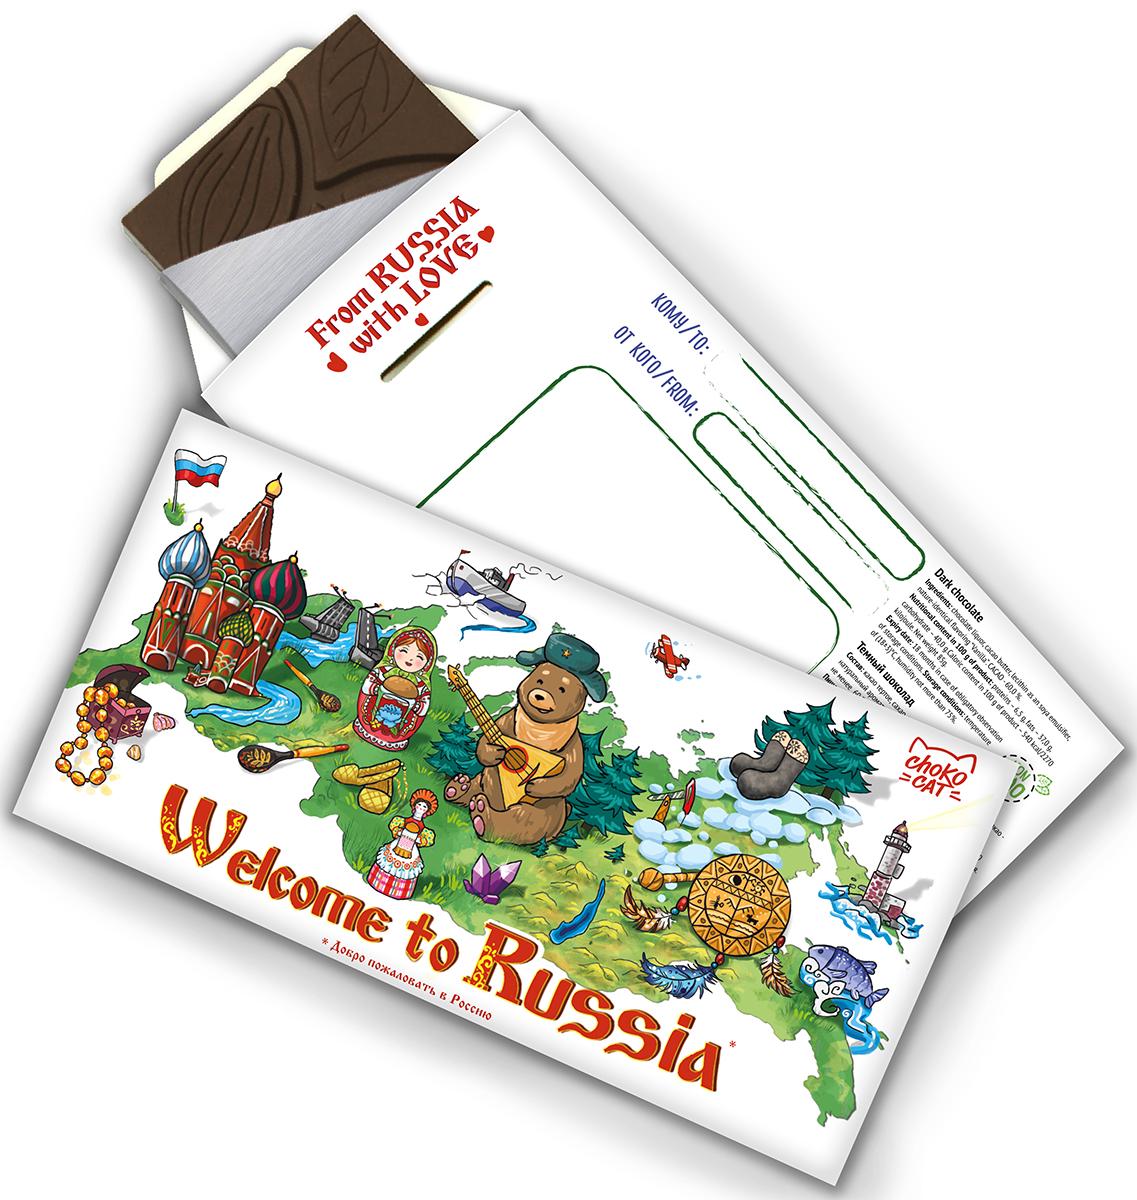 Chokocat Добро пожаловать в Россию! темный шоколад, 85 г chokocat для хорошего человека темный шоколад 85 г